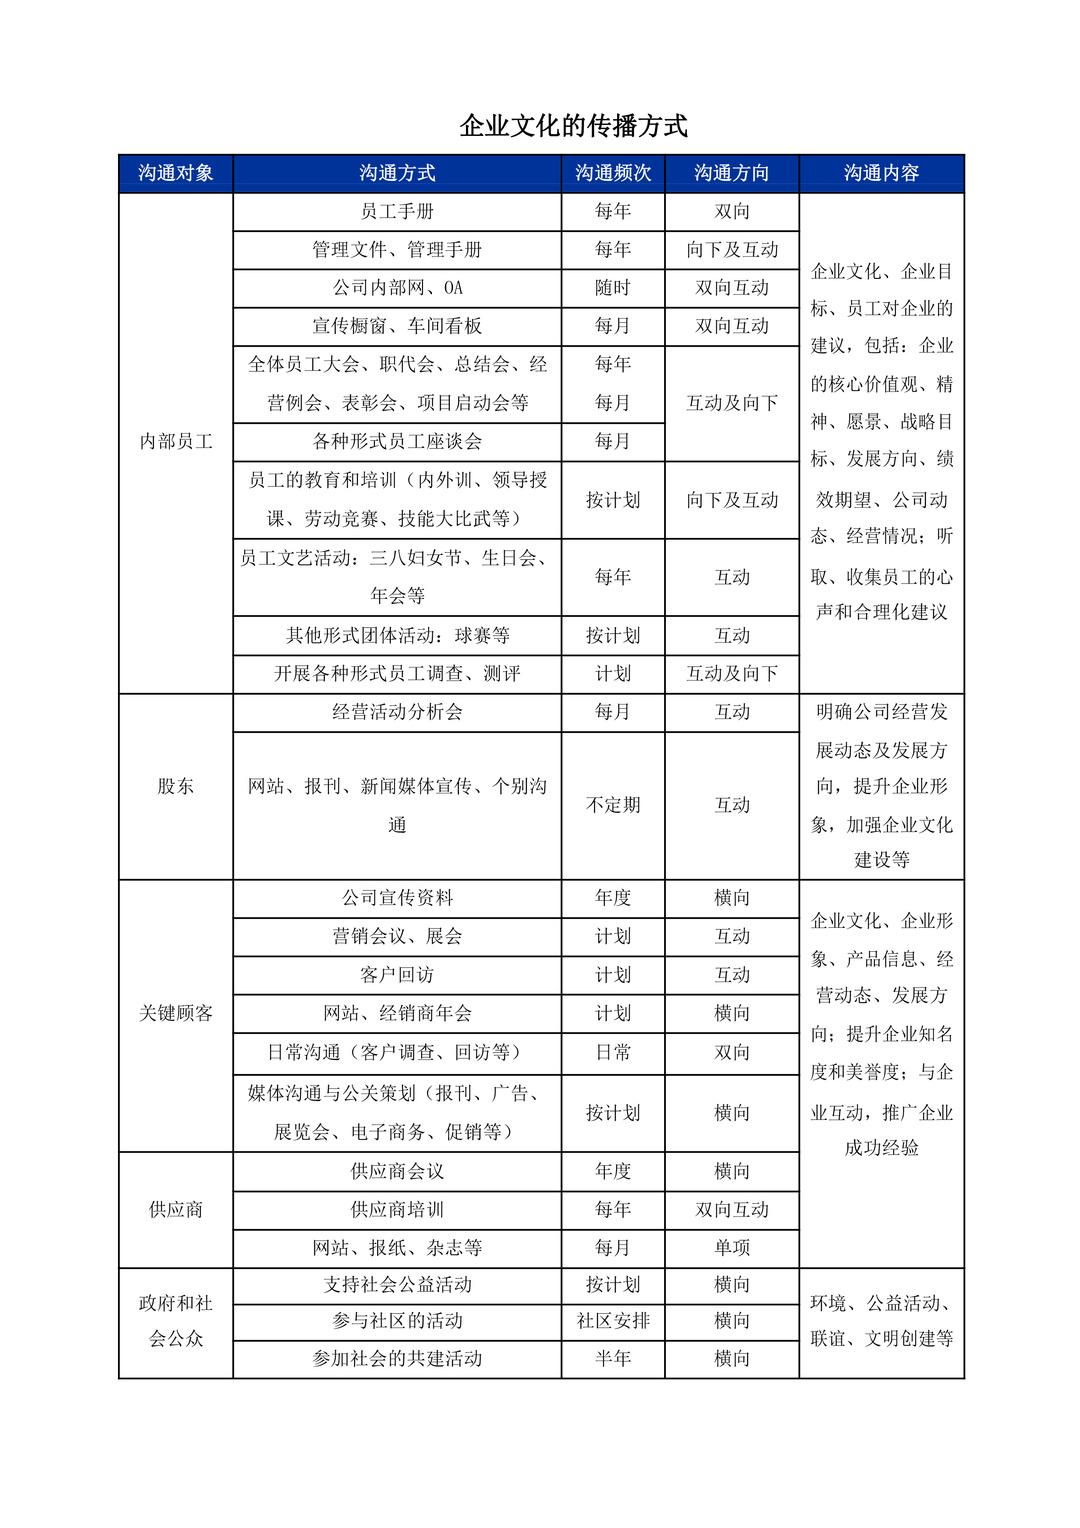 社会义务报告-2021-01.jpg